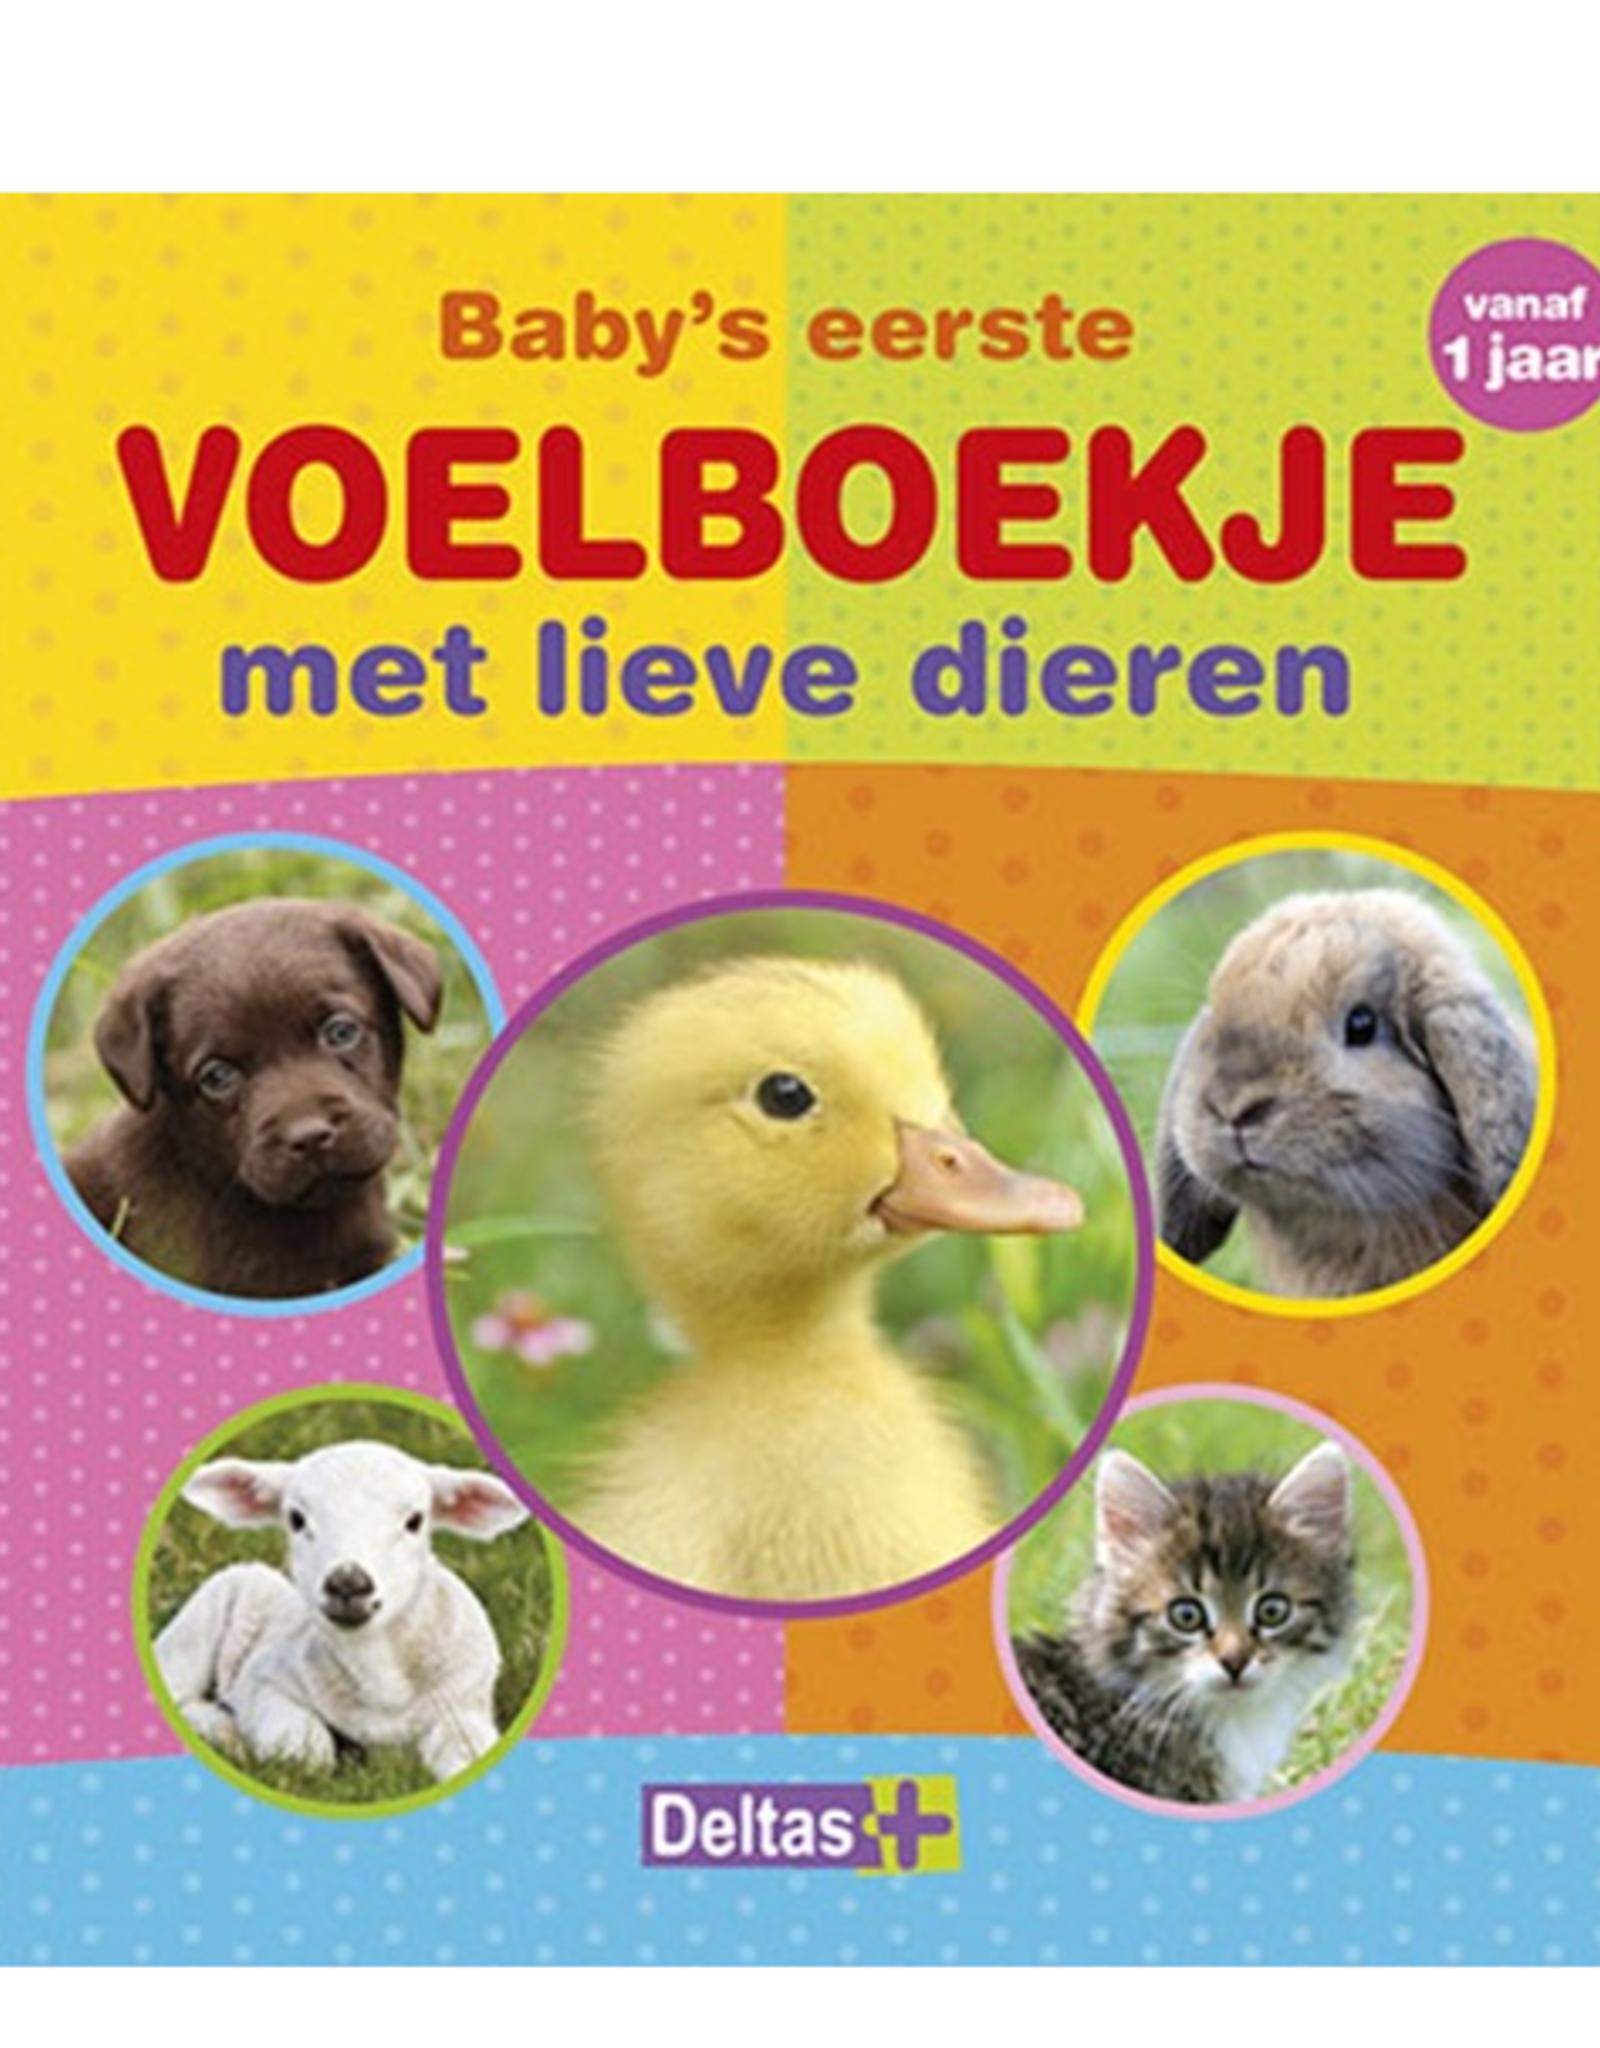 Deltas Voelboekje met lieve dieren